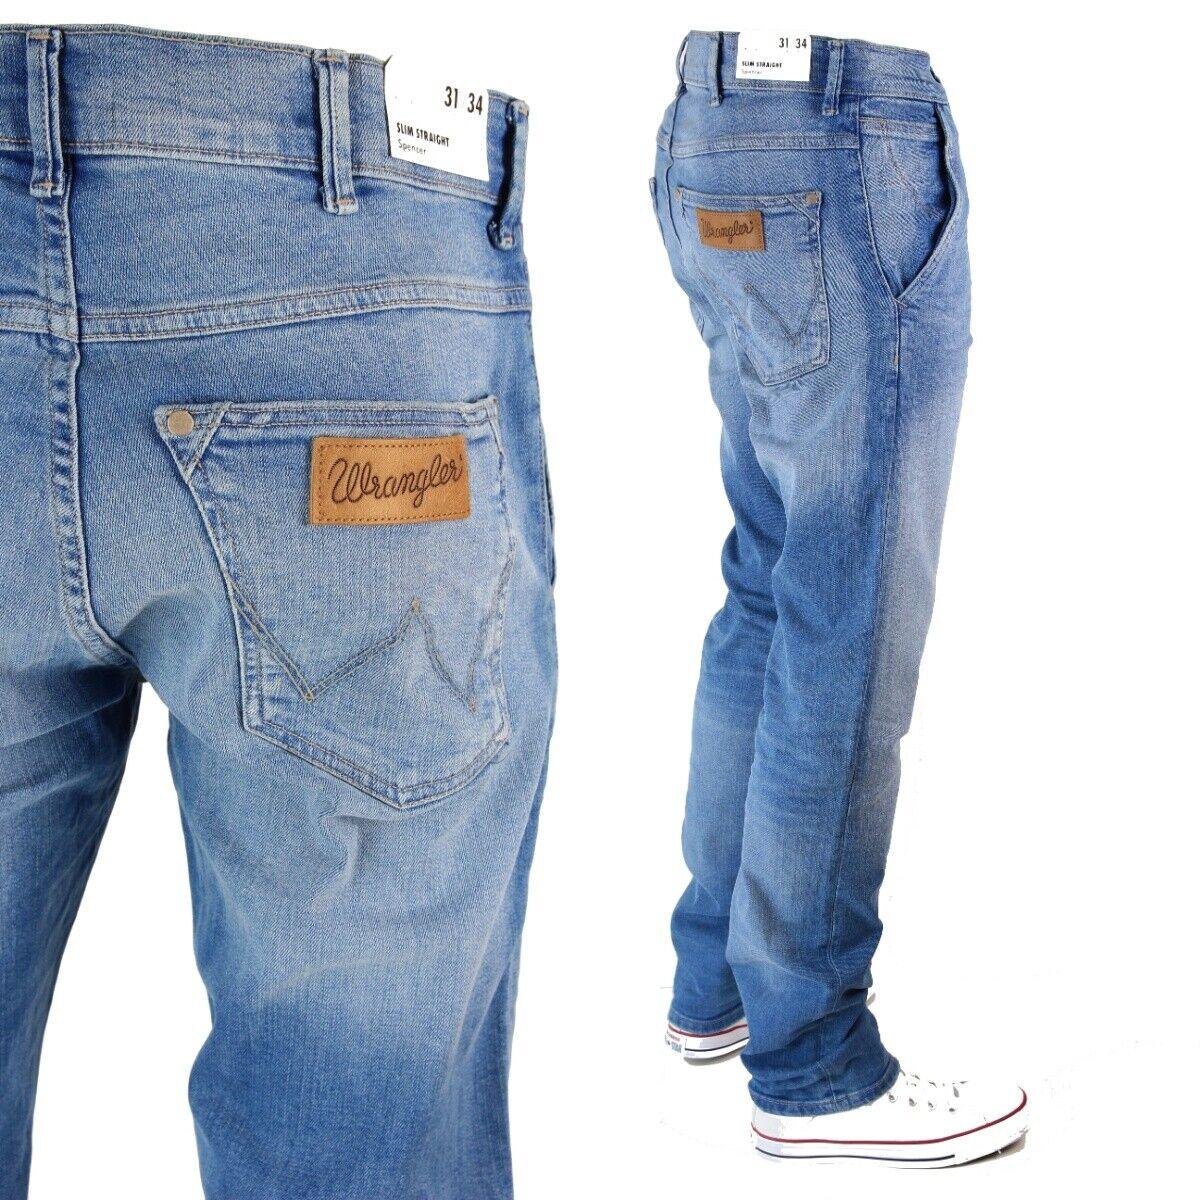 Neuf Wrangler Spencer Régulier Jeans Coupe Slim Bleu Clair Délavé Toutes les